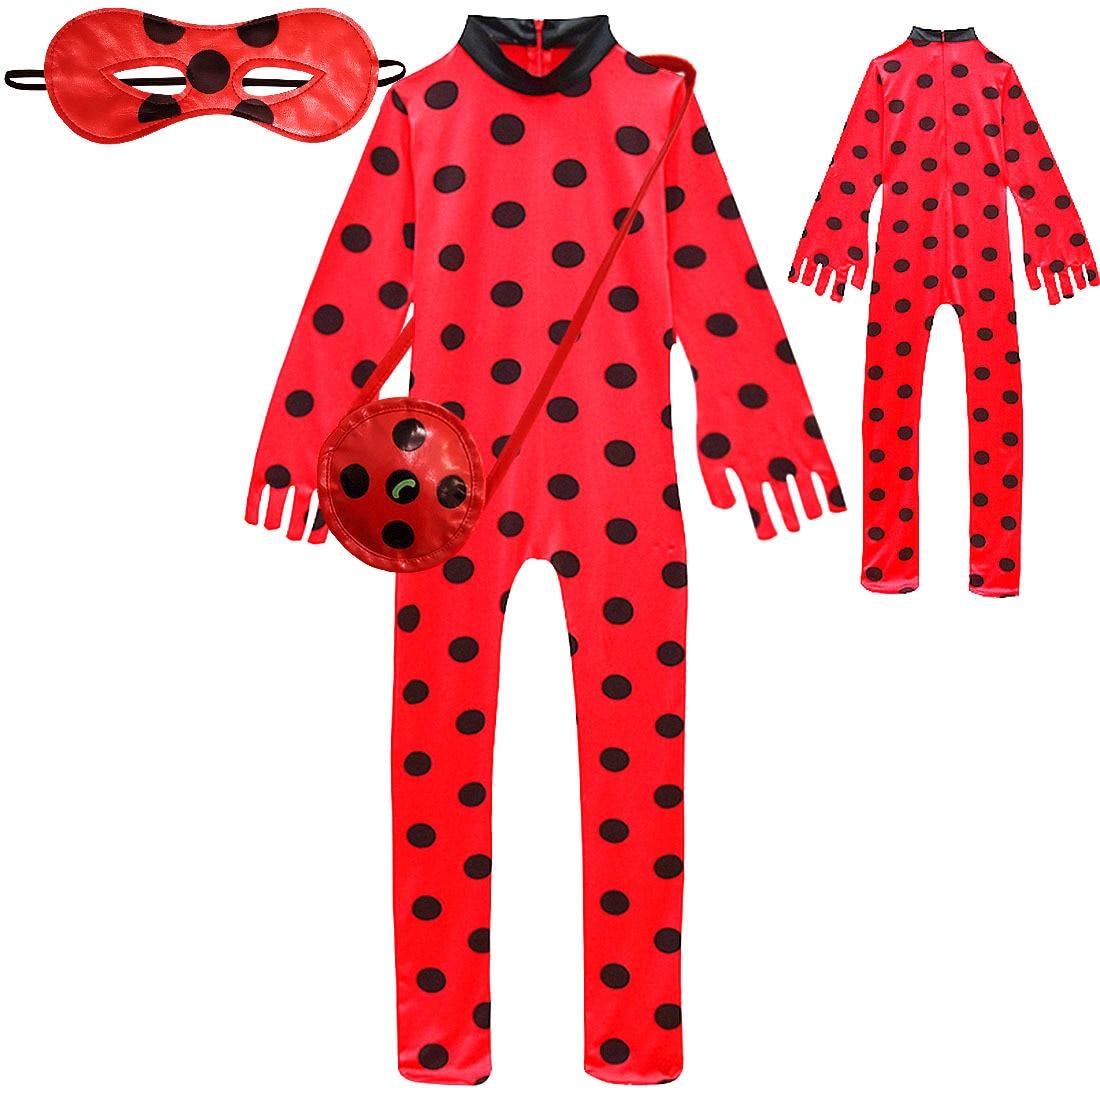 2019 ragazze carnevale abbigliamento natalizio Lady Kids Bug Halloween Cosplay costume per ragazza vestito abiti da festa stampa Anime